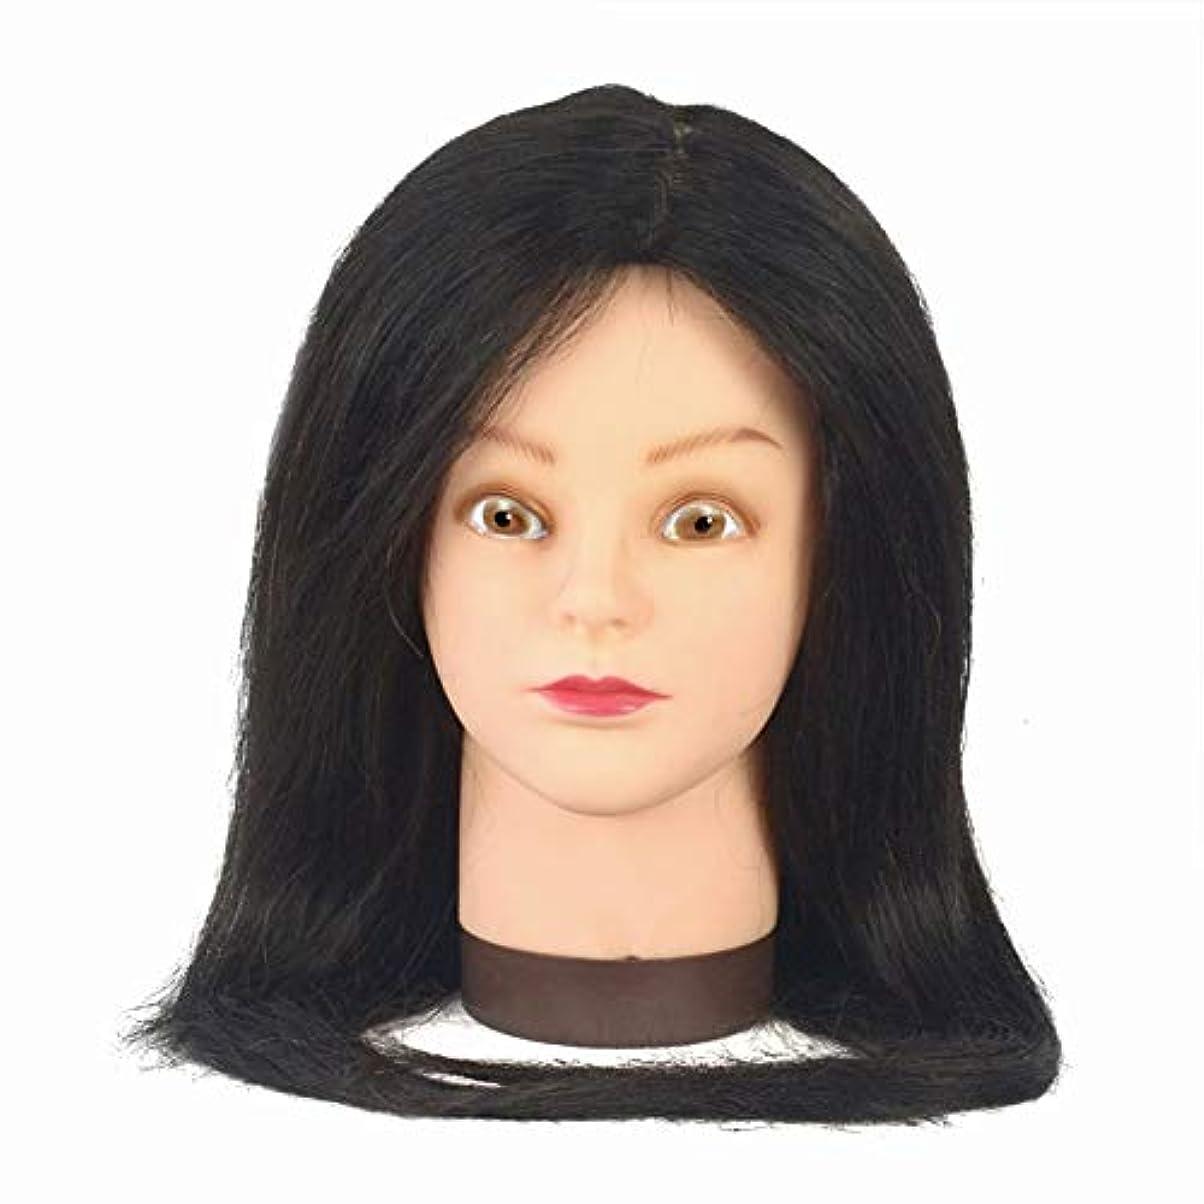 海外で観客飾る80%リアル人間の髪モデルヘッドサロン学習吹くことができますパーマ髪染めダミーヘッド編集ヘア練習ヘッドモデル,Black